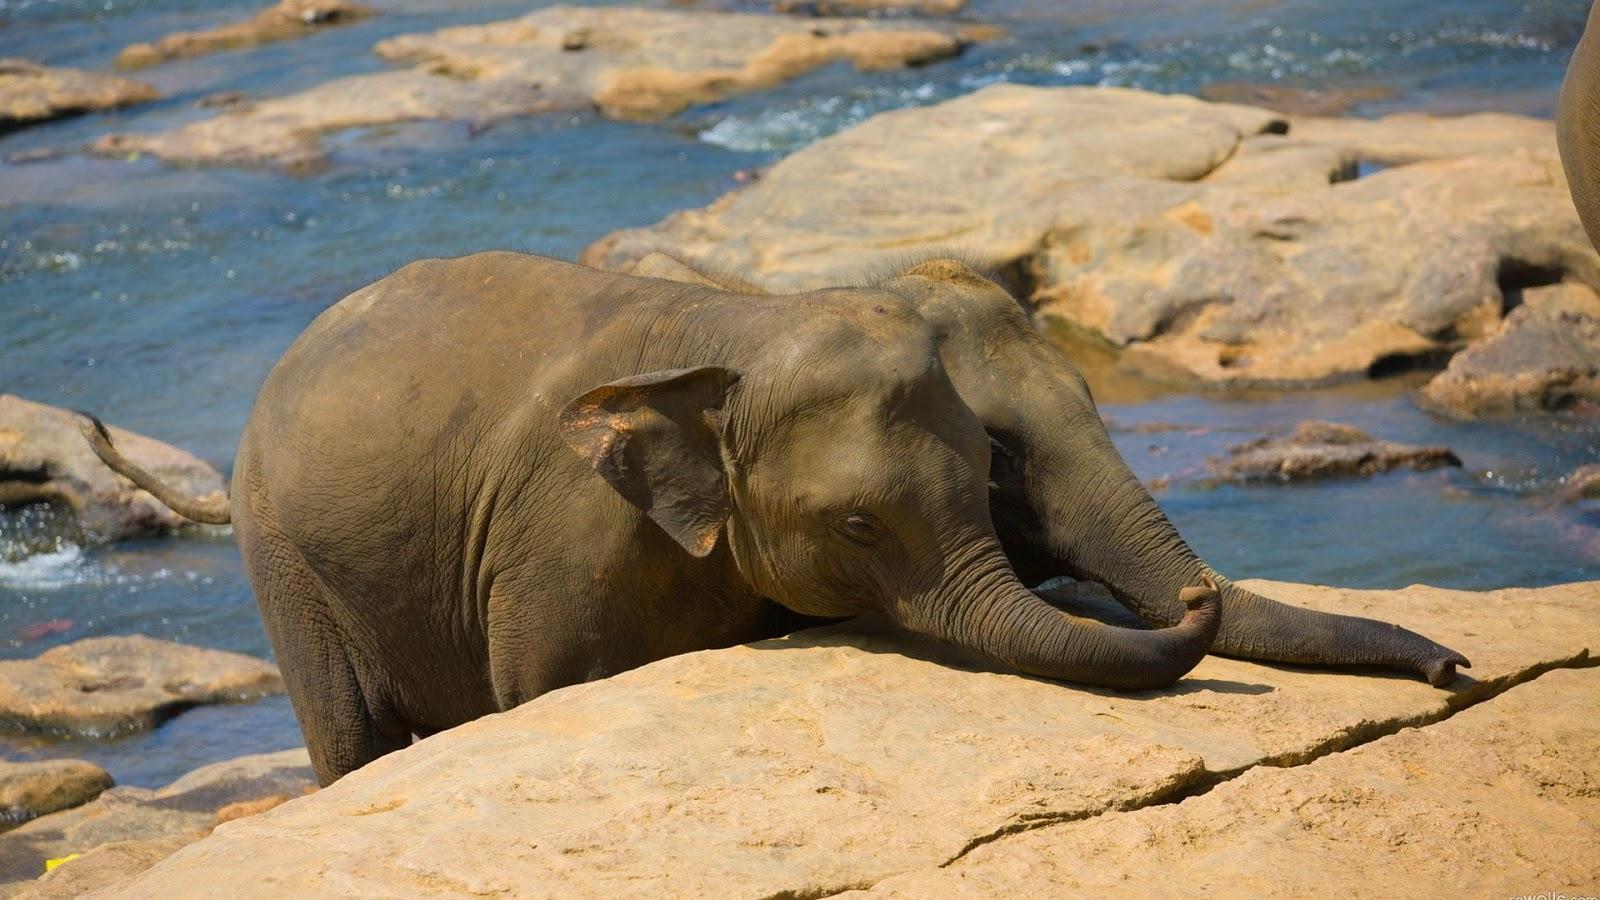 Hd wallpapers desktop elephants hd wallpapers - Baby elephant wallpaper ...